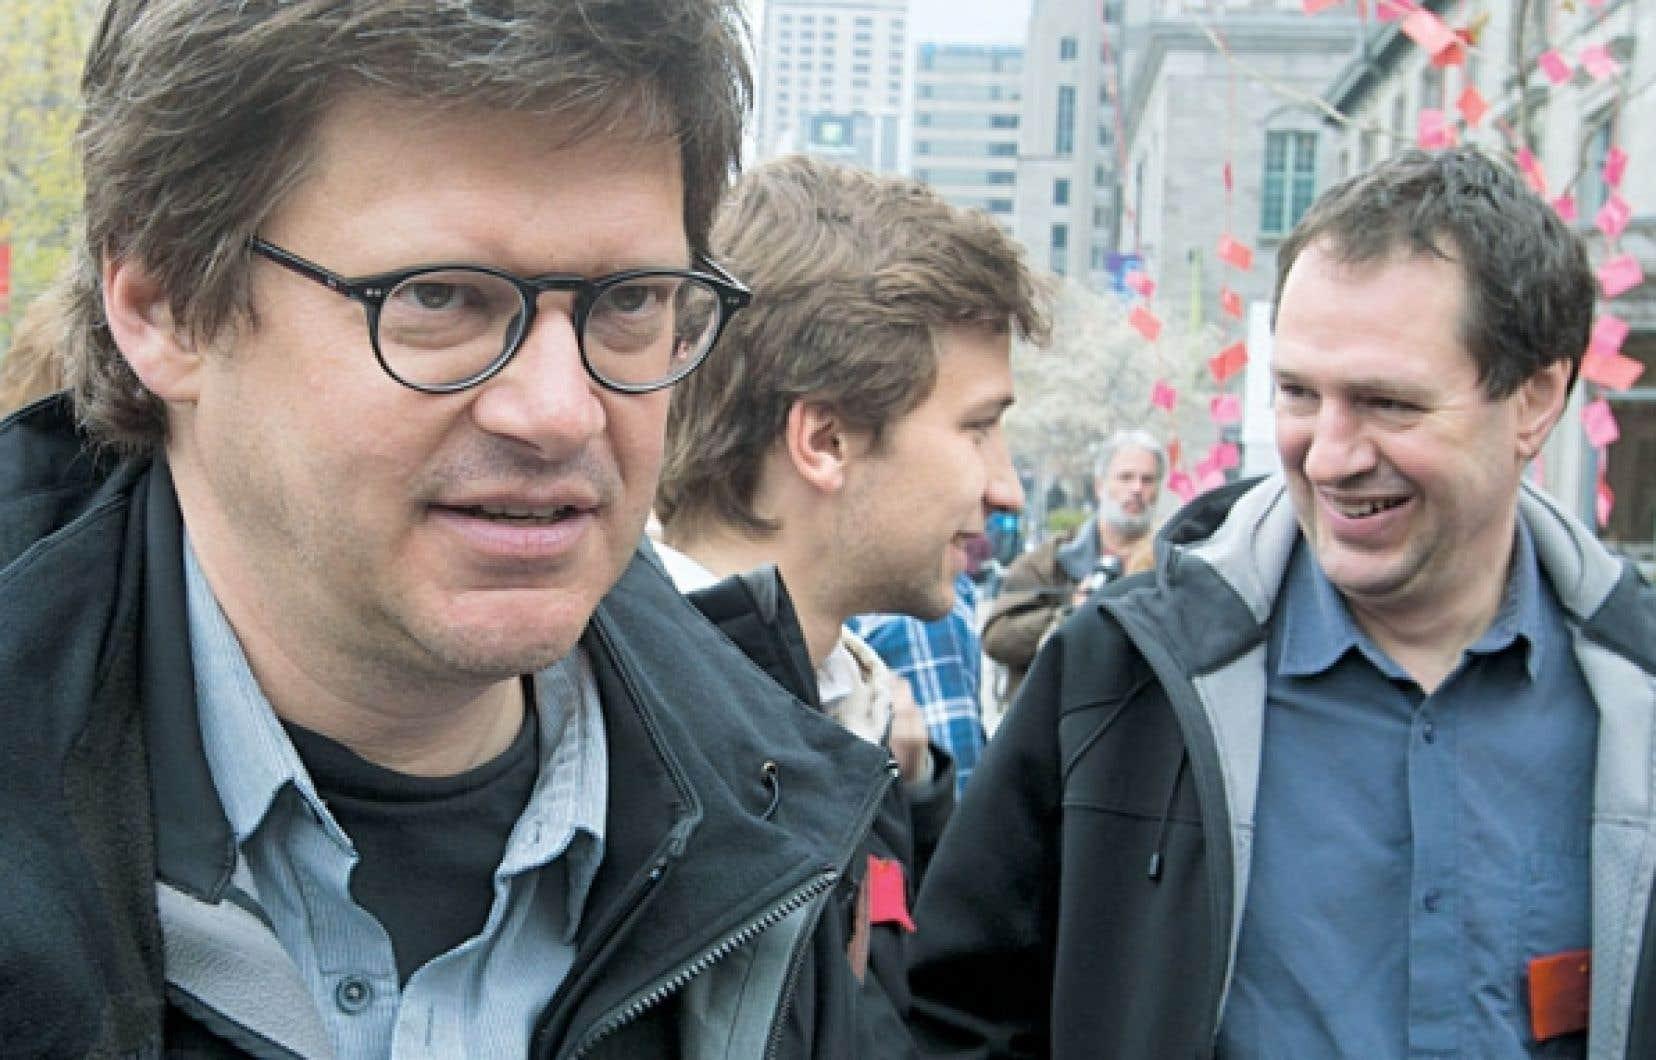 Le metteur en scène Dominic Champagne et le co-porte-parole de la CLASSE, Gabriel Nadeau-Dubois (au centre), lors d'une manifestation des artistes en appui à la cause étudiante, hier, à Montréal.